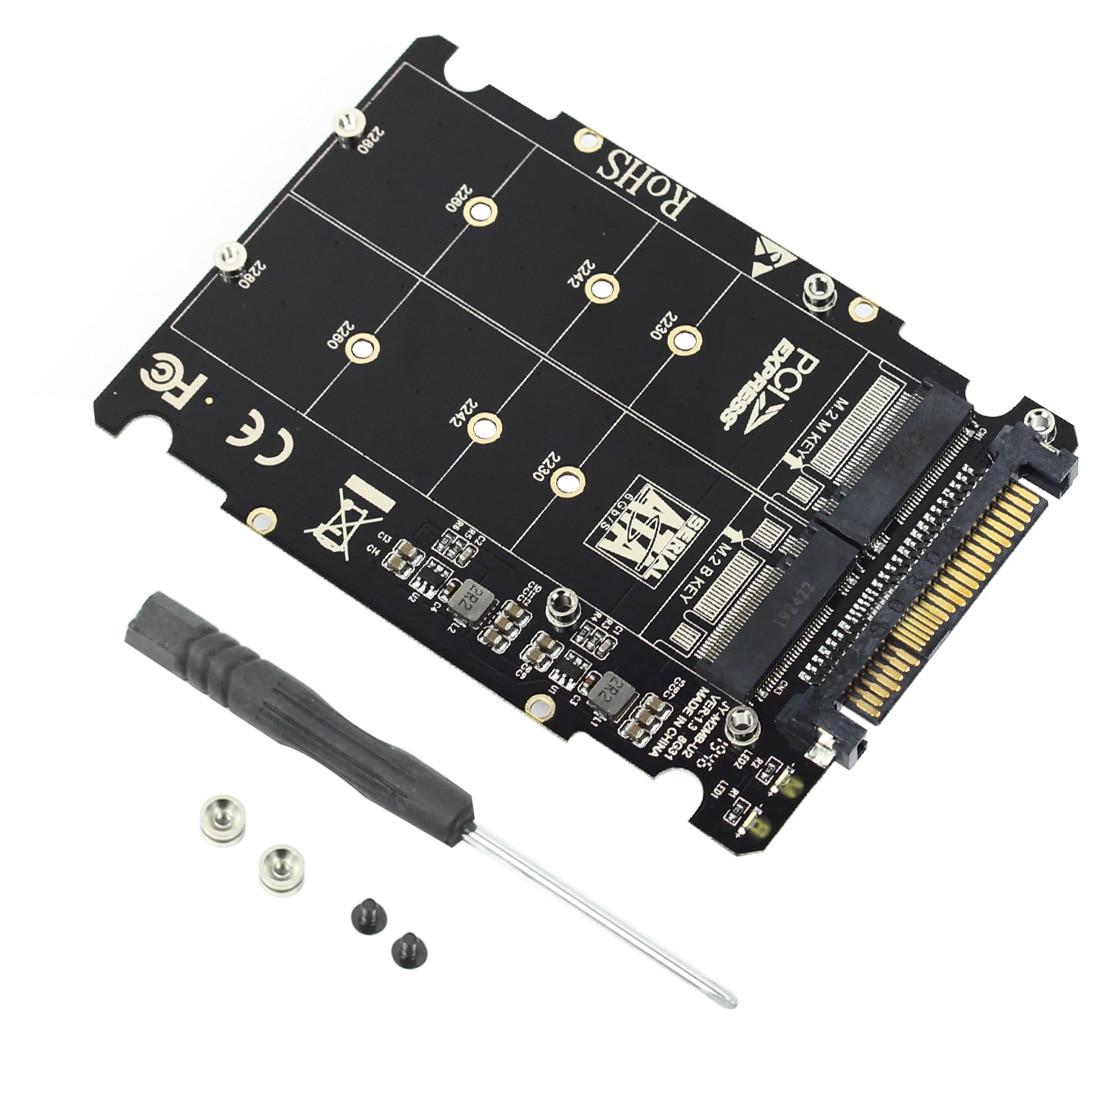 Ngff m.2 ssd m chave para u.2 adaptador 2 em 1 m2 nvme sata-ônibus para pci-e u.2 SFF-8639 adaptador pcie m2 conversor para computador desktop